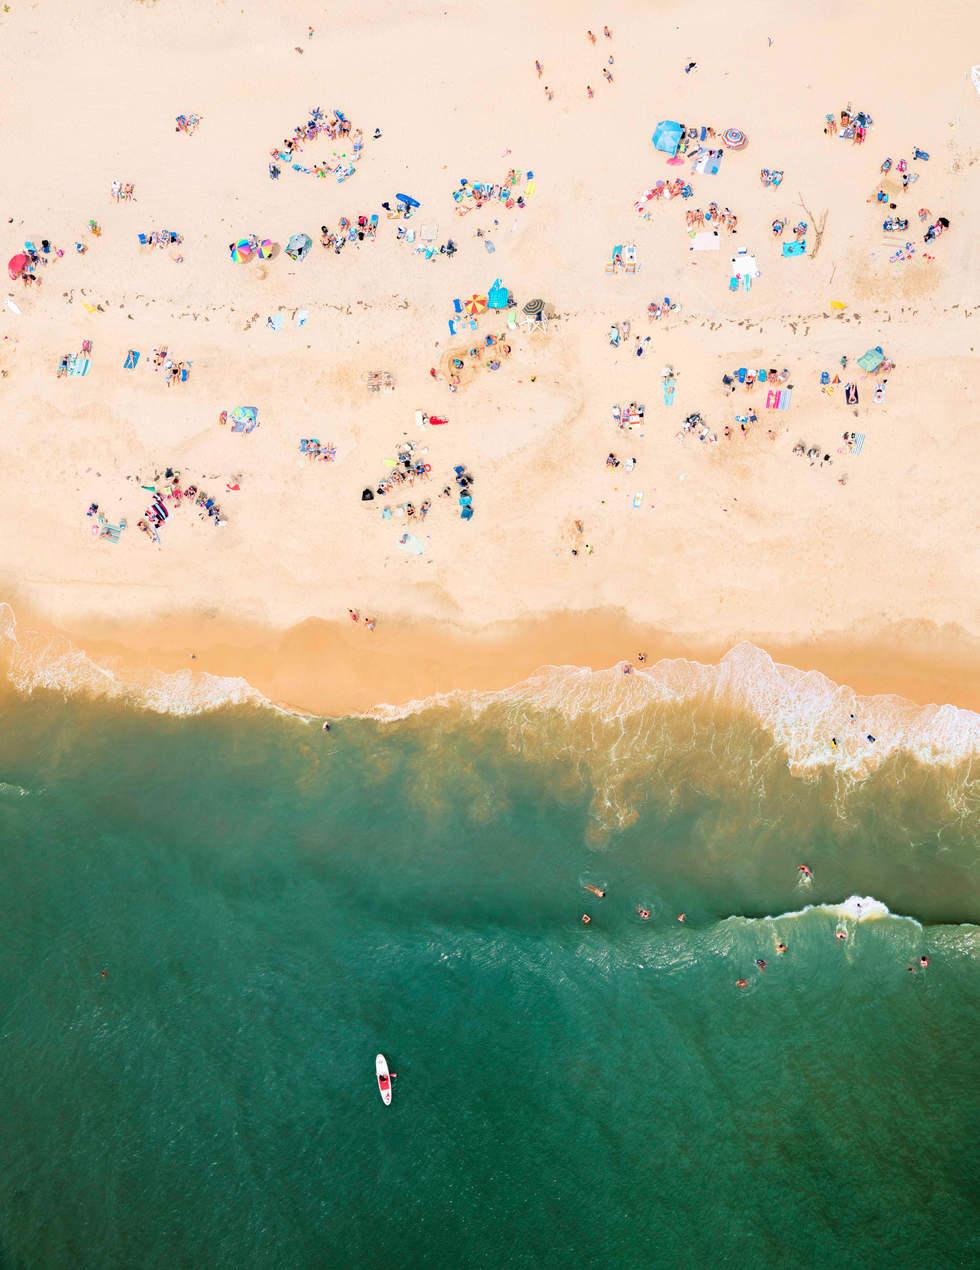 'Circles' at Main Beach, East Hampton